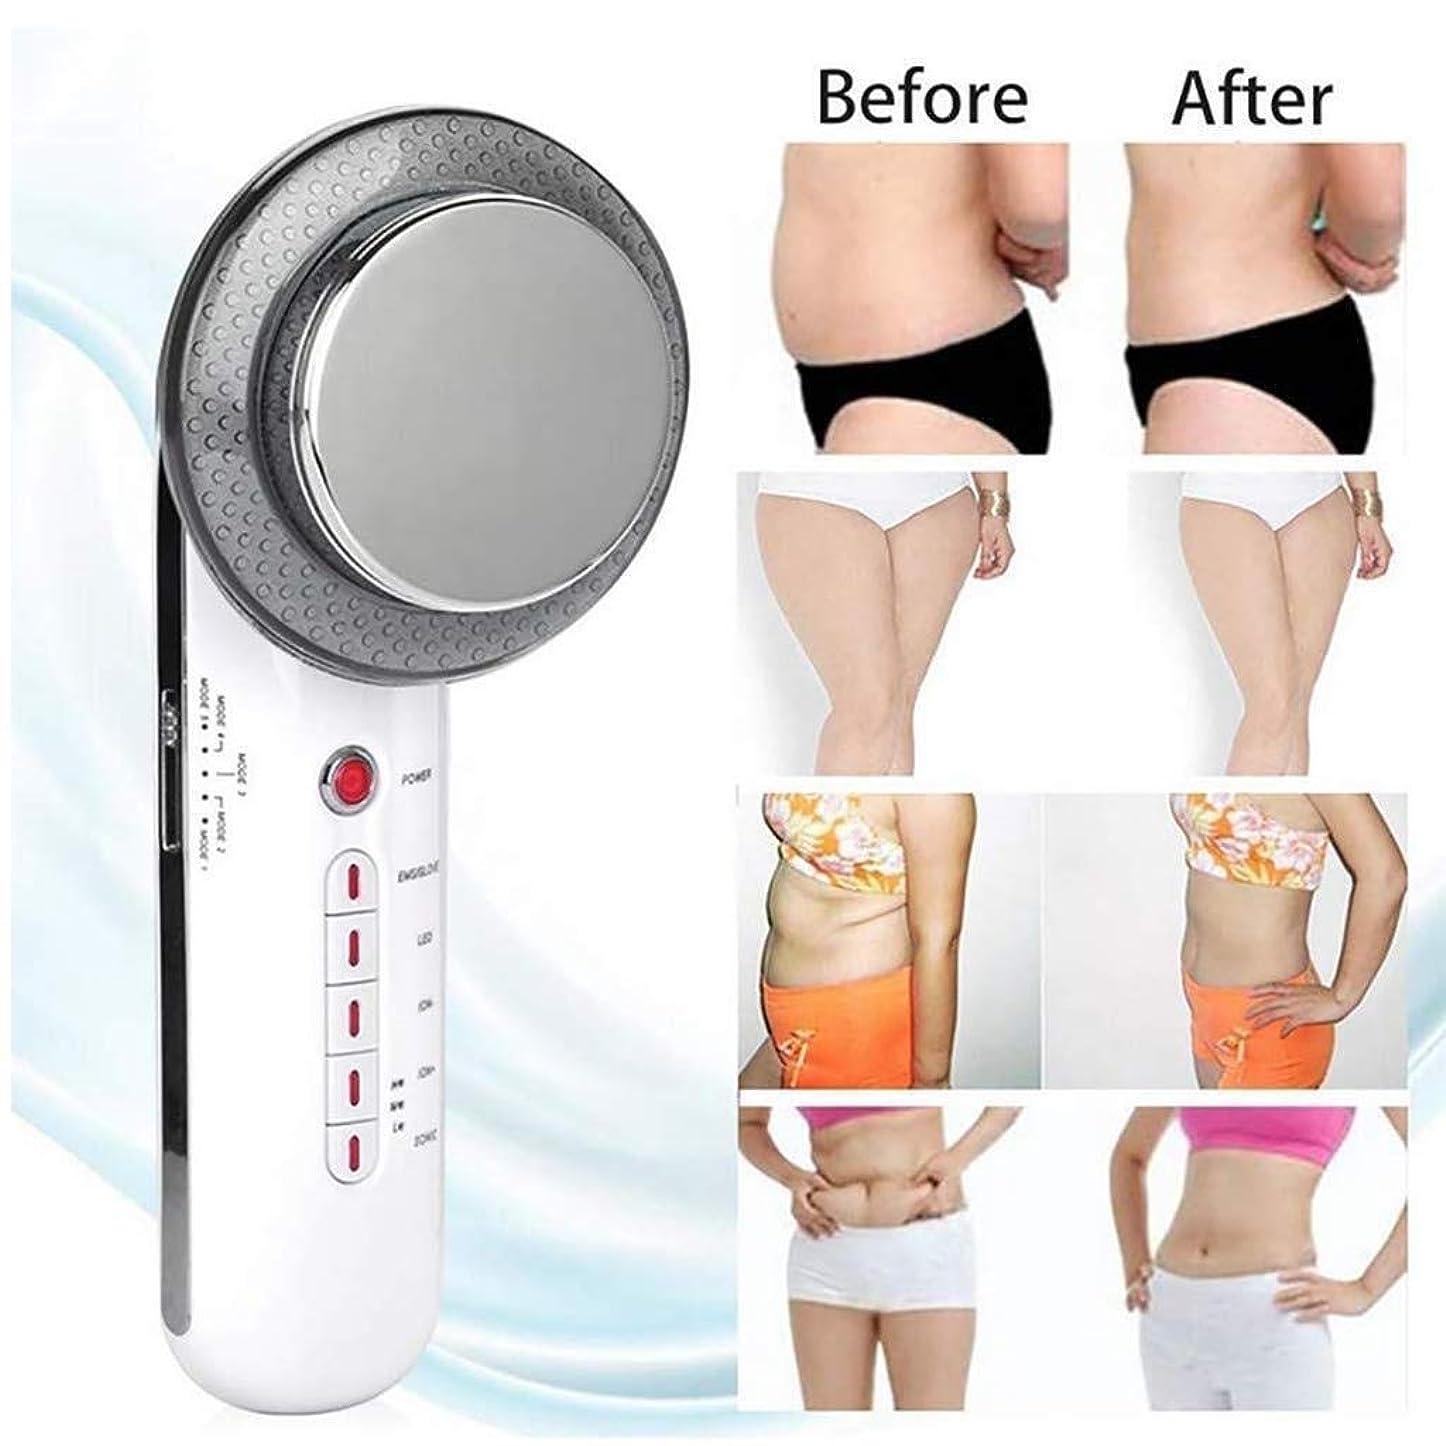 エネルギーかび臭い無効にする脂肪バーナーマシン、セルライト脂肪除去マッサージャー腹減量超音波EMS LEDイオン引き締め成形装置